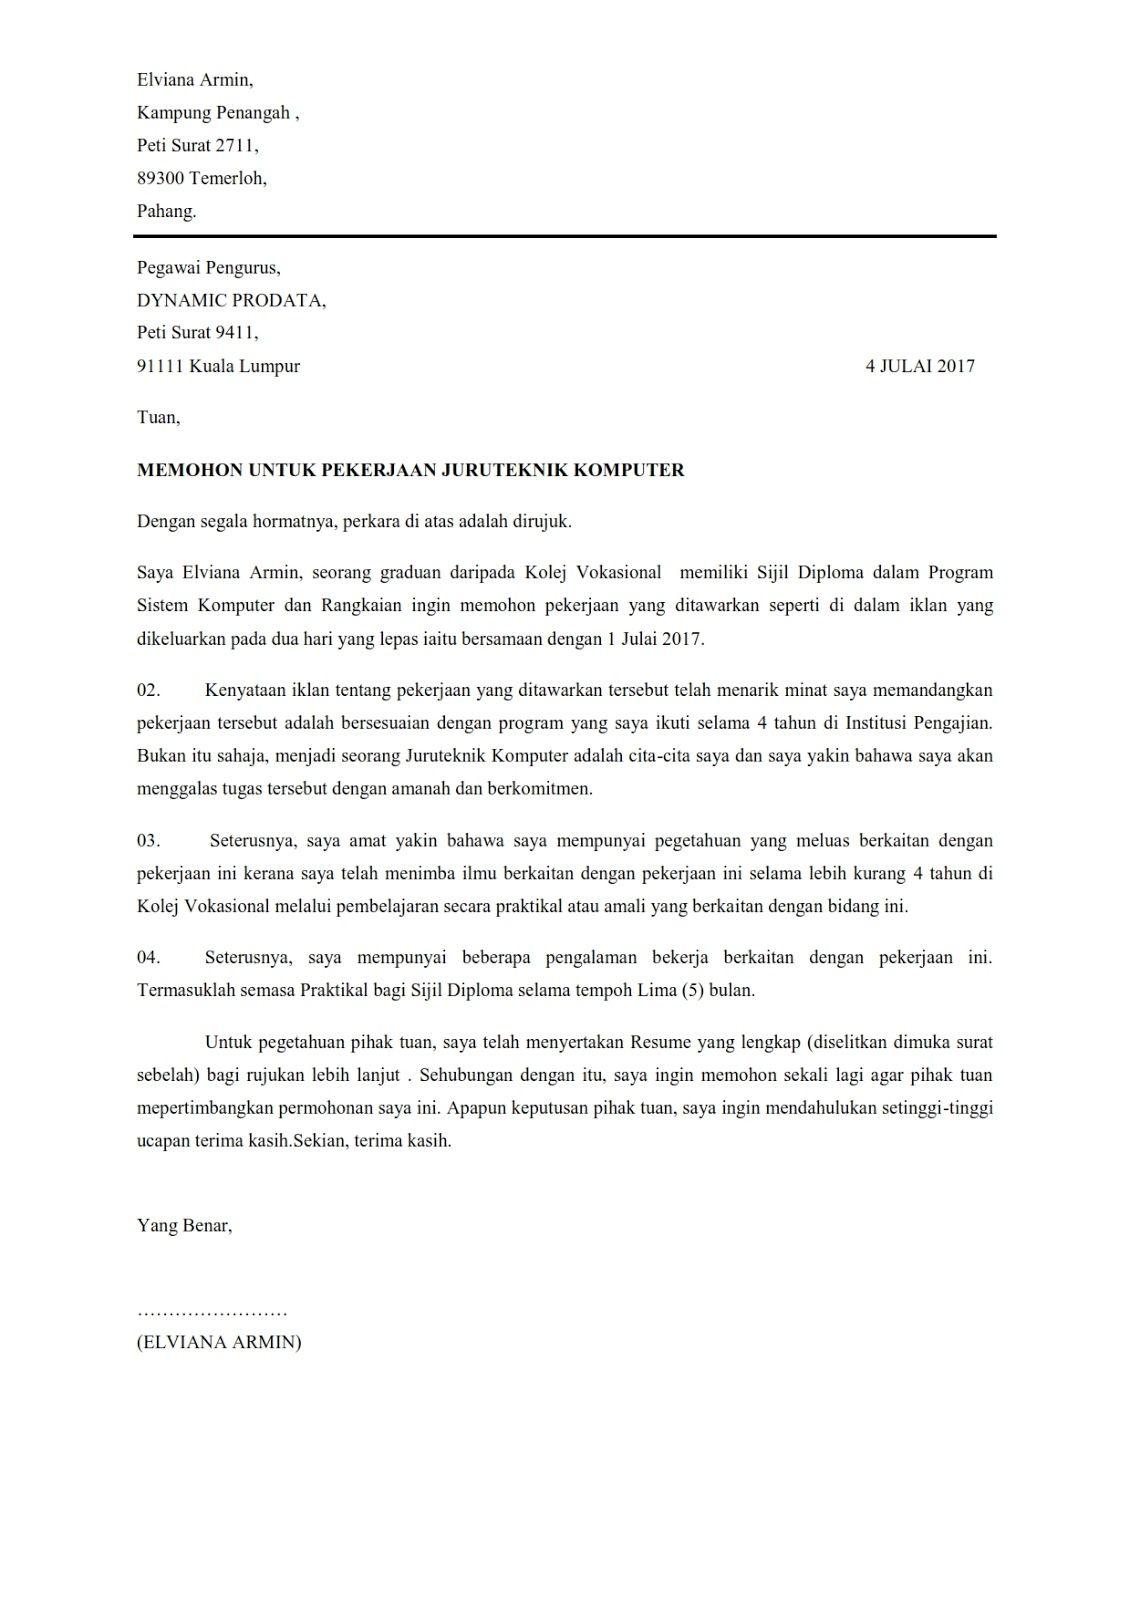 Contoh Surat Permohonan Kerja Yang Ringkas Surat Subjek